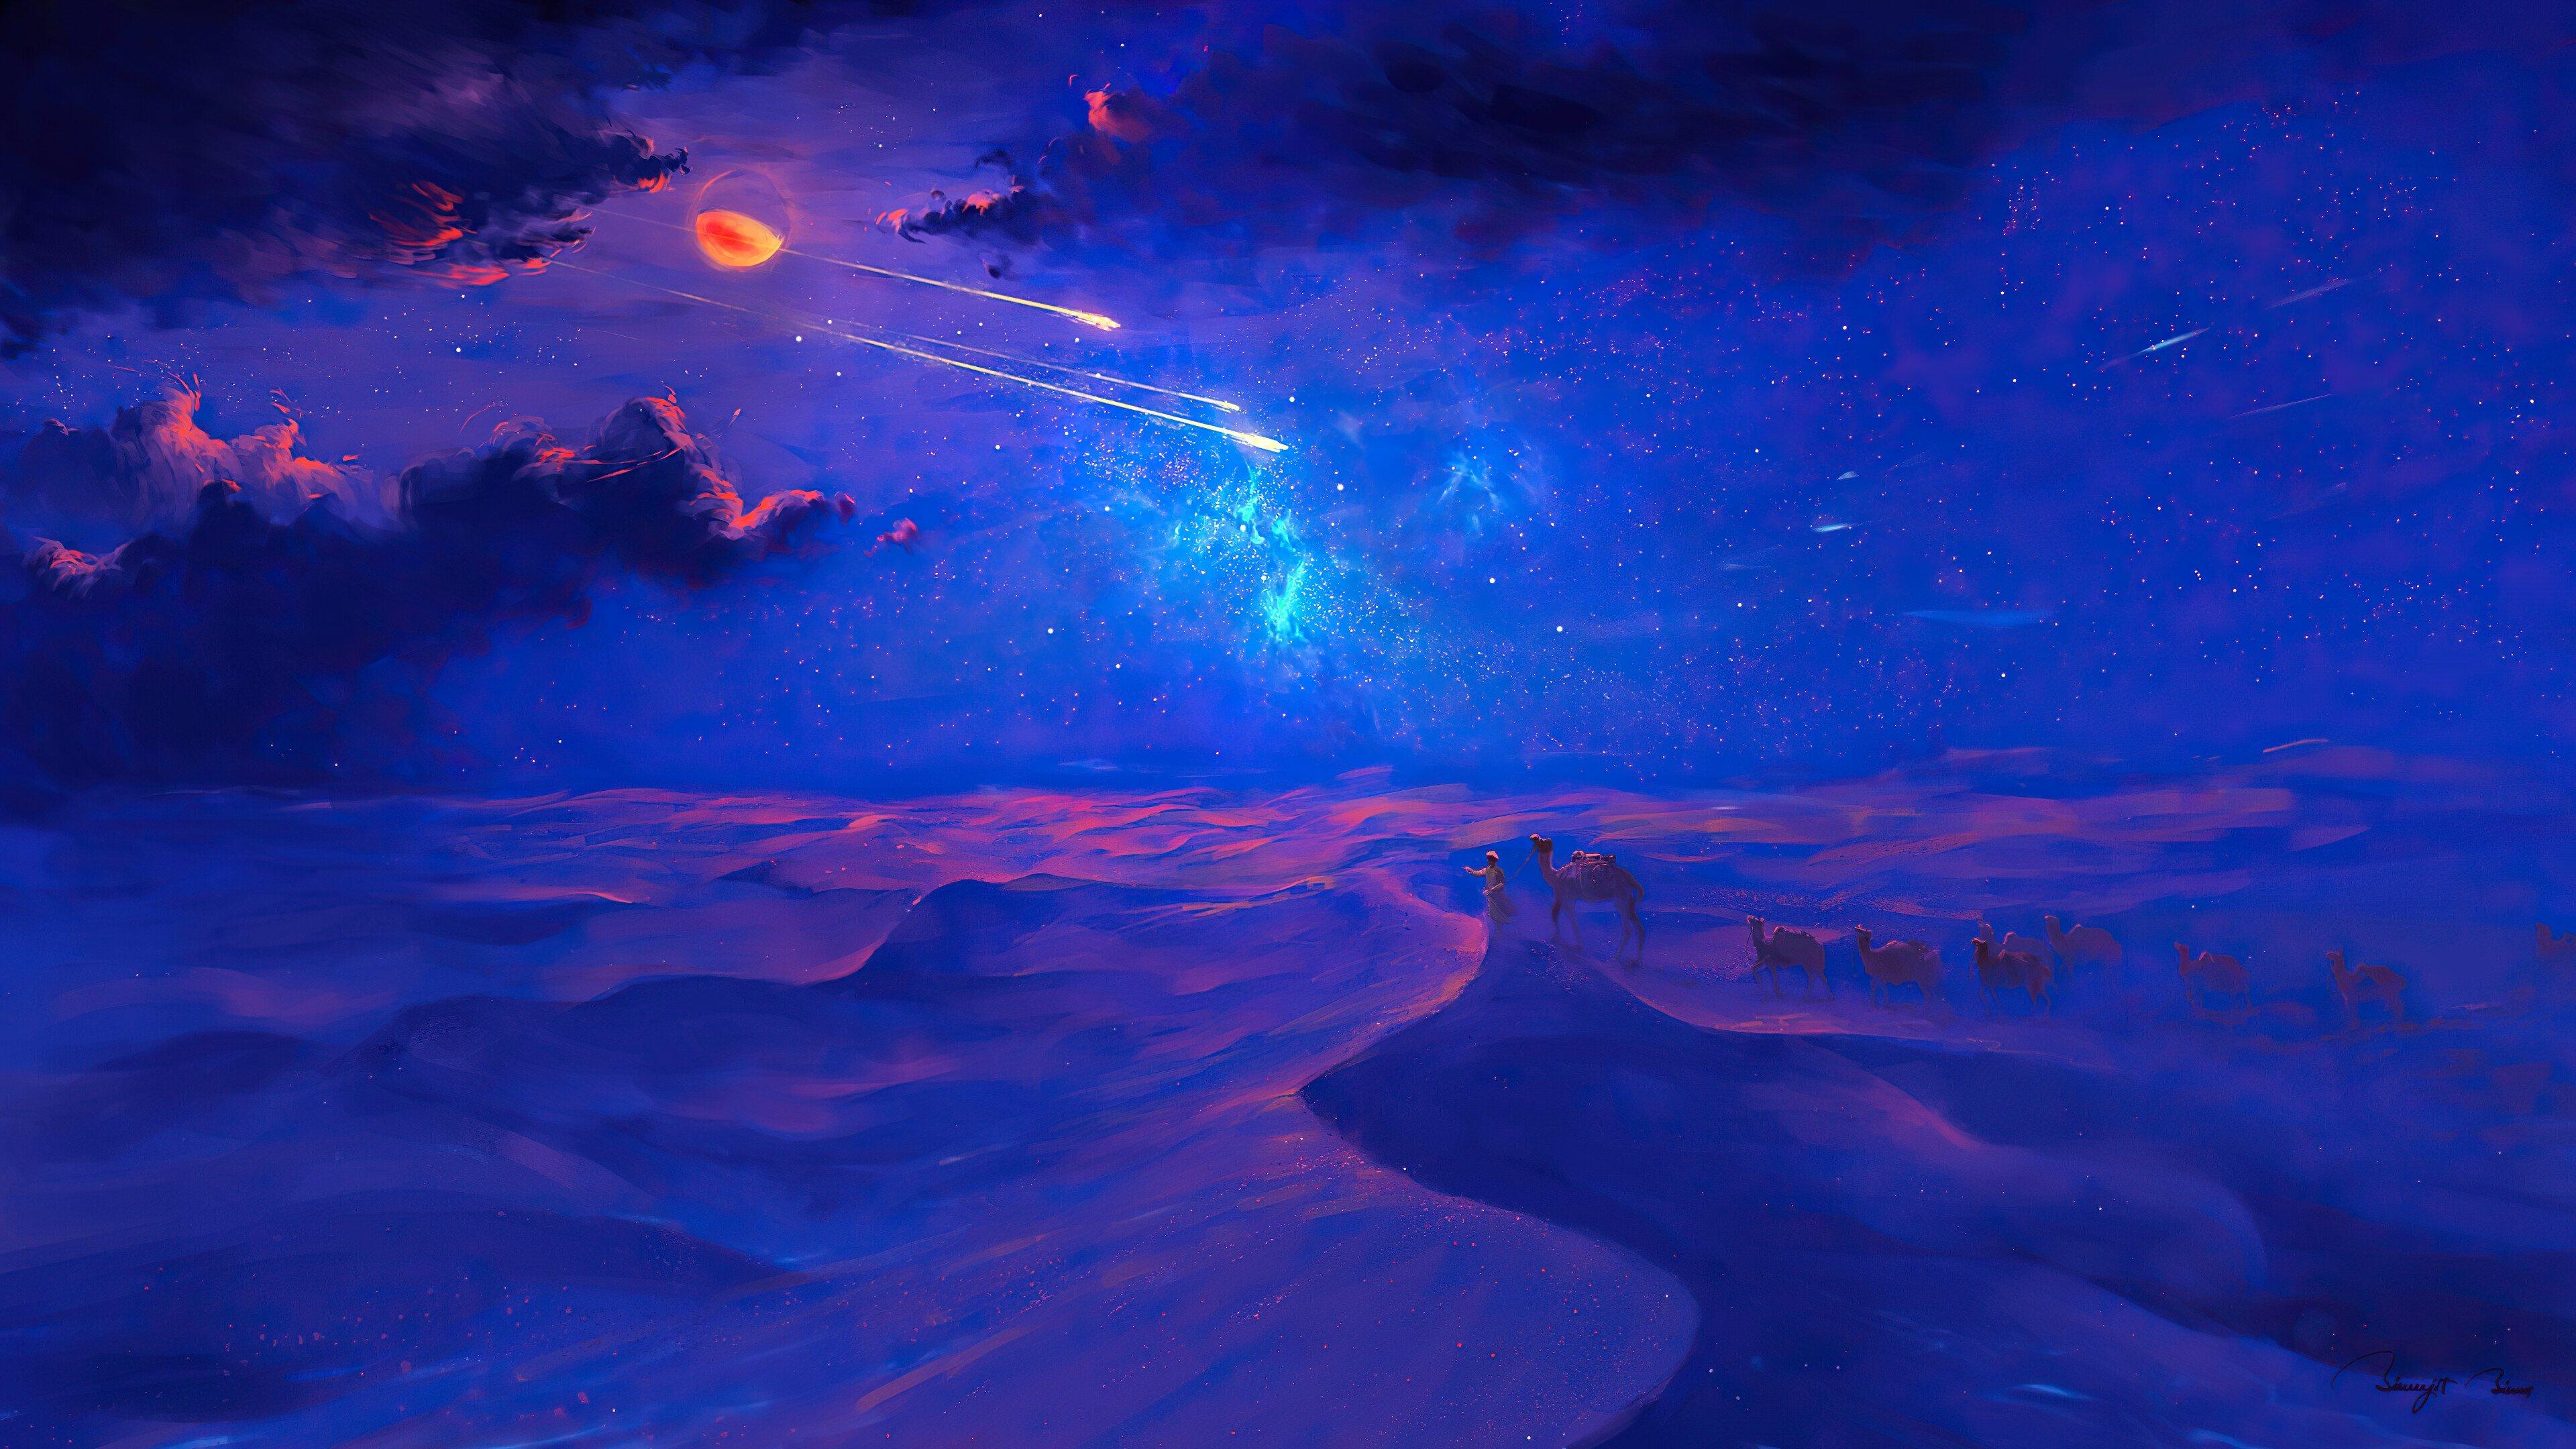 Fondos de pantalla Hermoso desierto en noche estrellada Ilustración